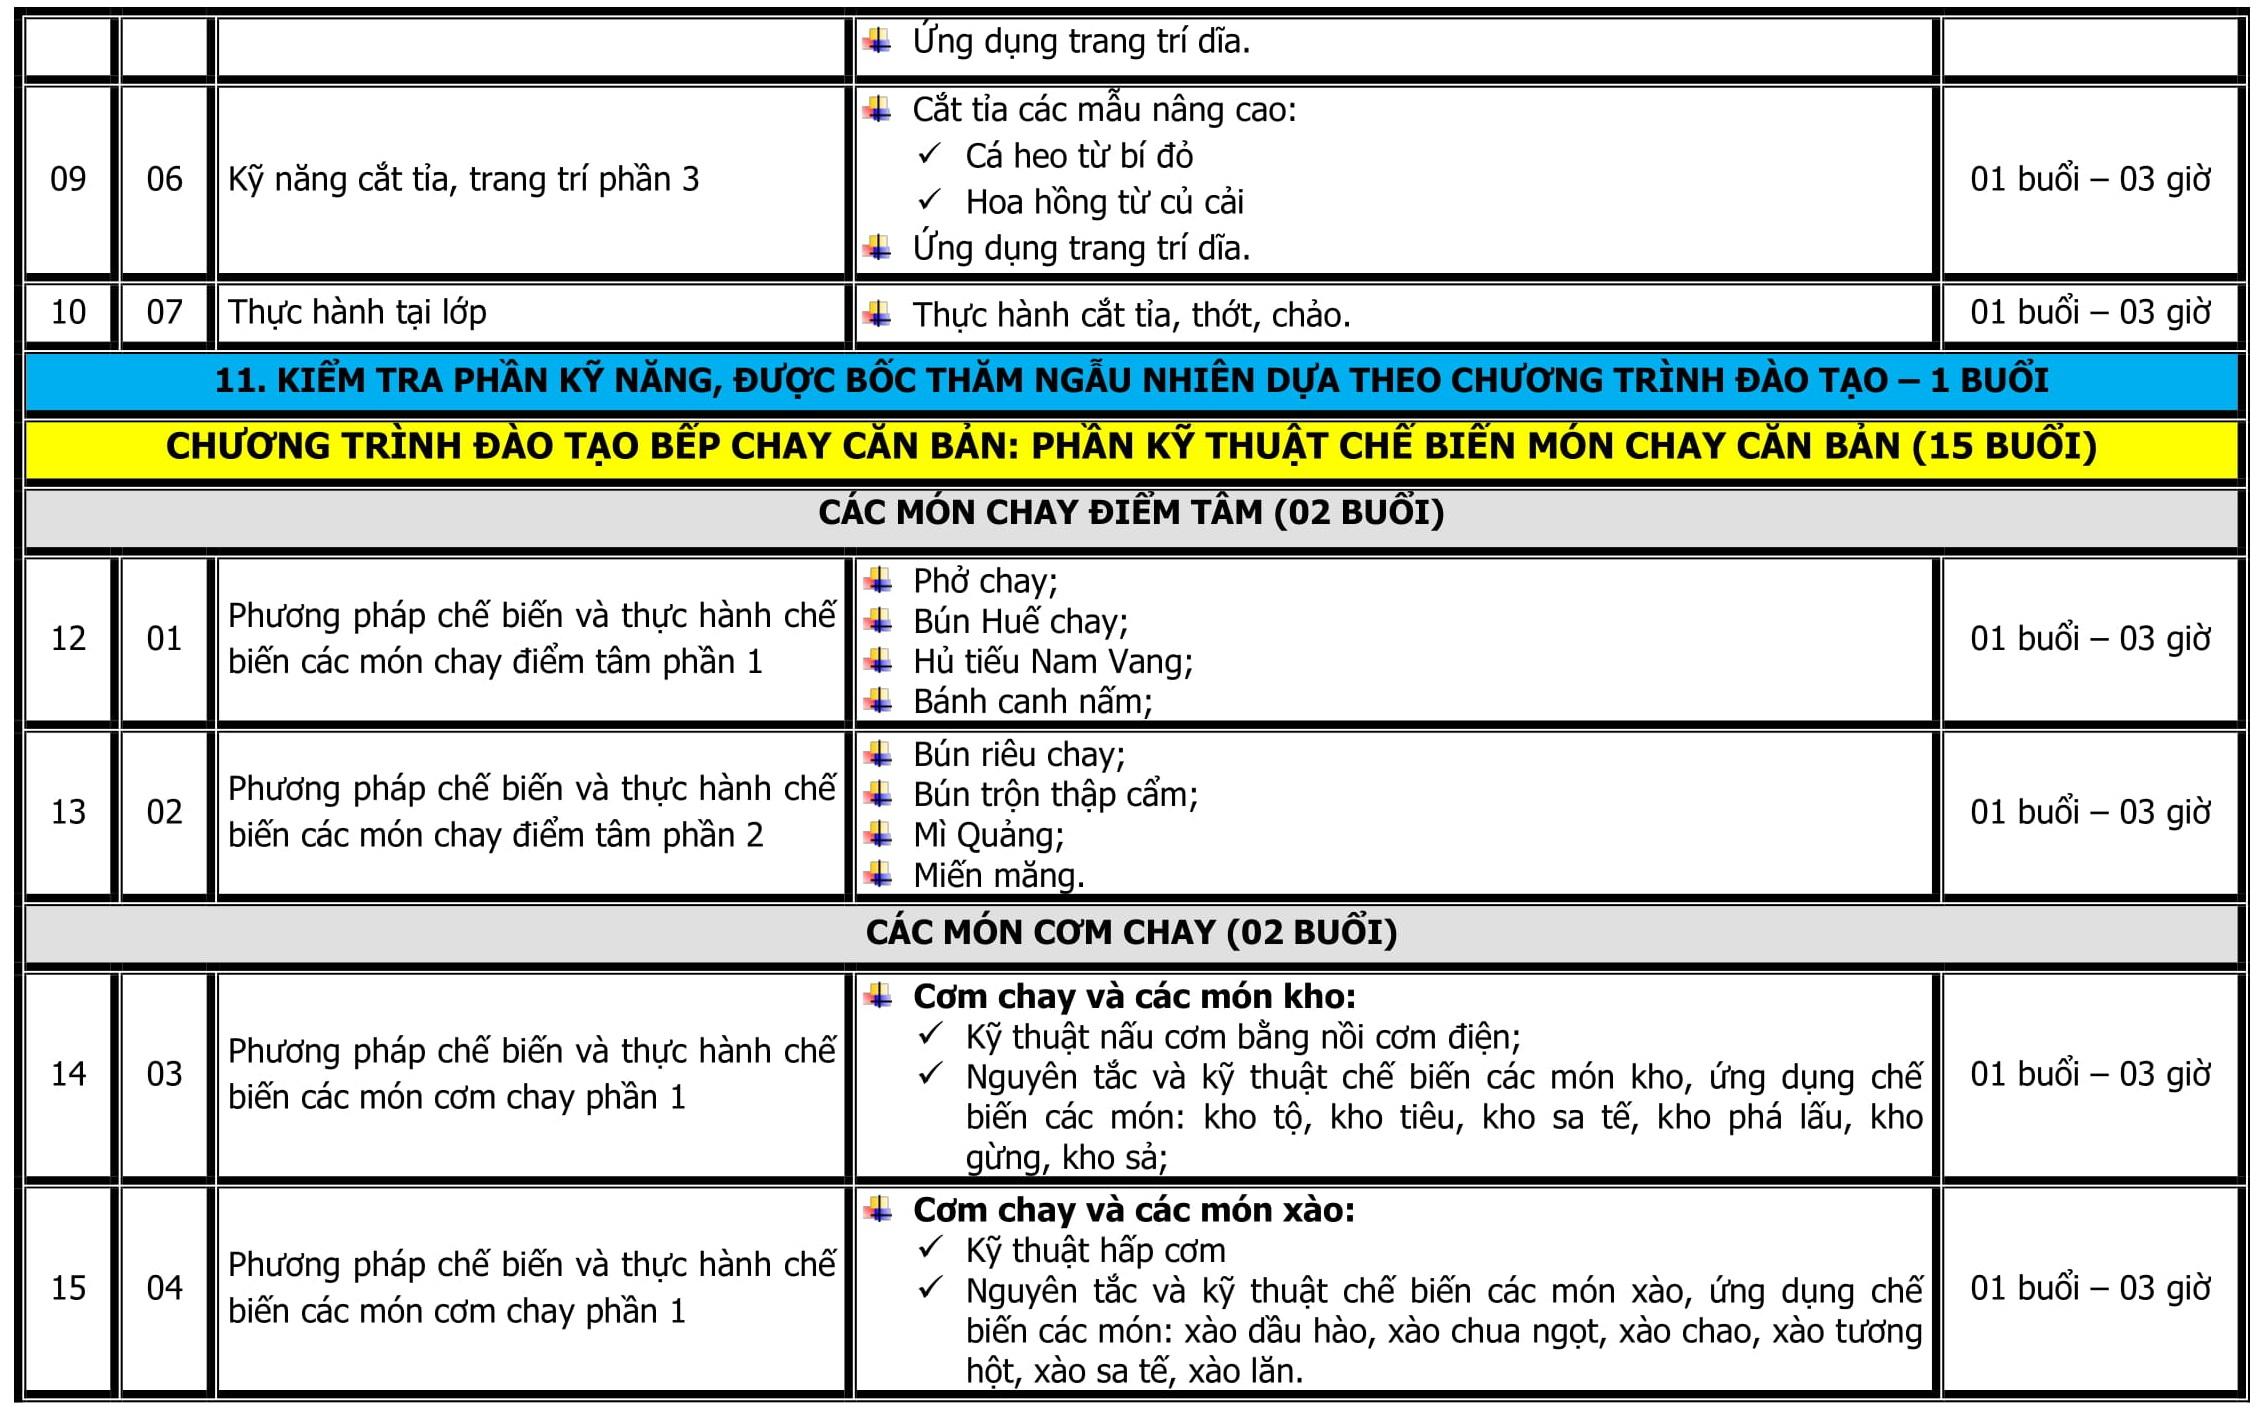 CT DAO TAO BEP CHAY CAN BAN-3